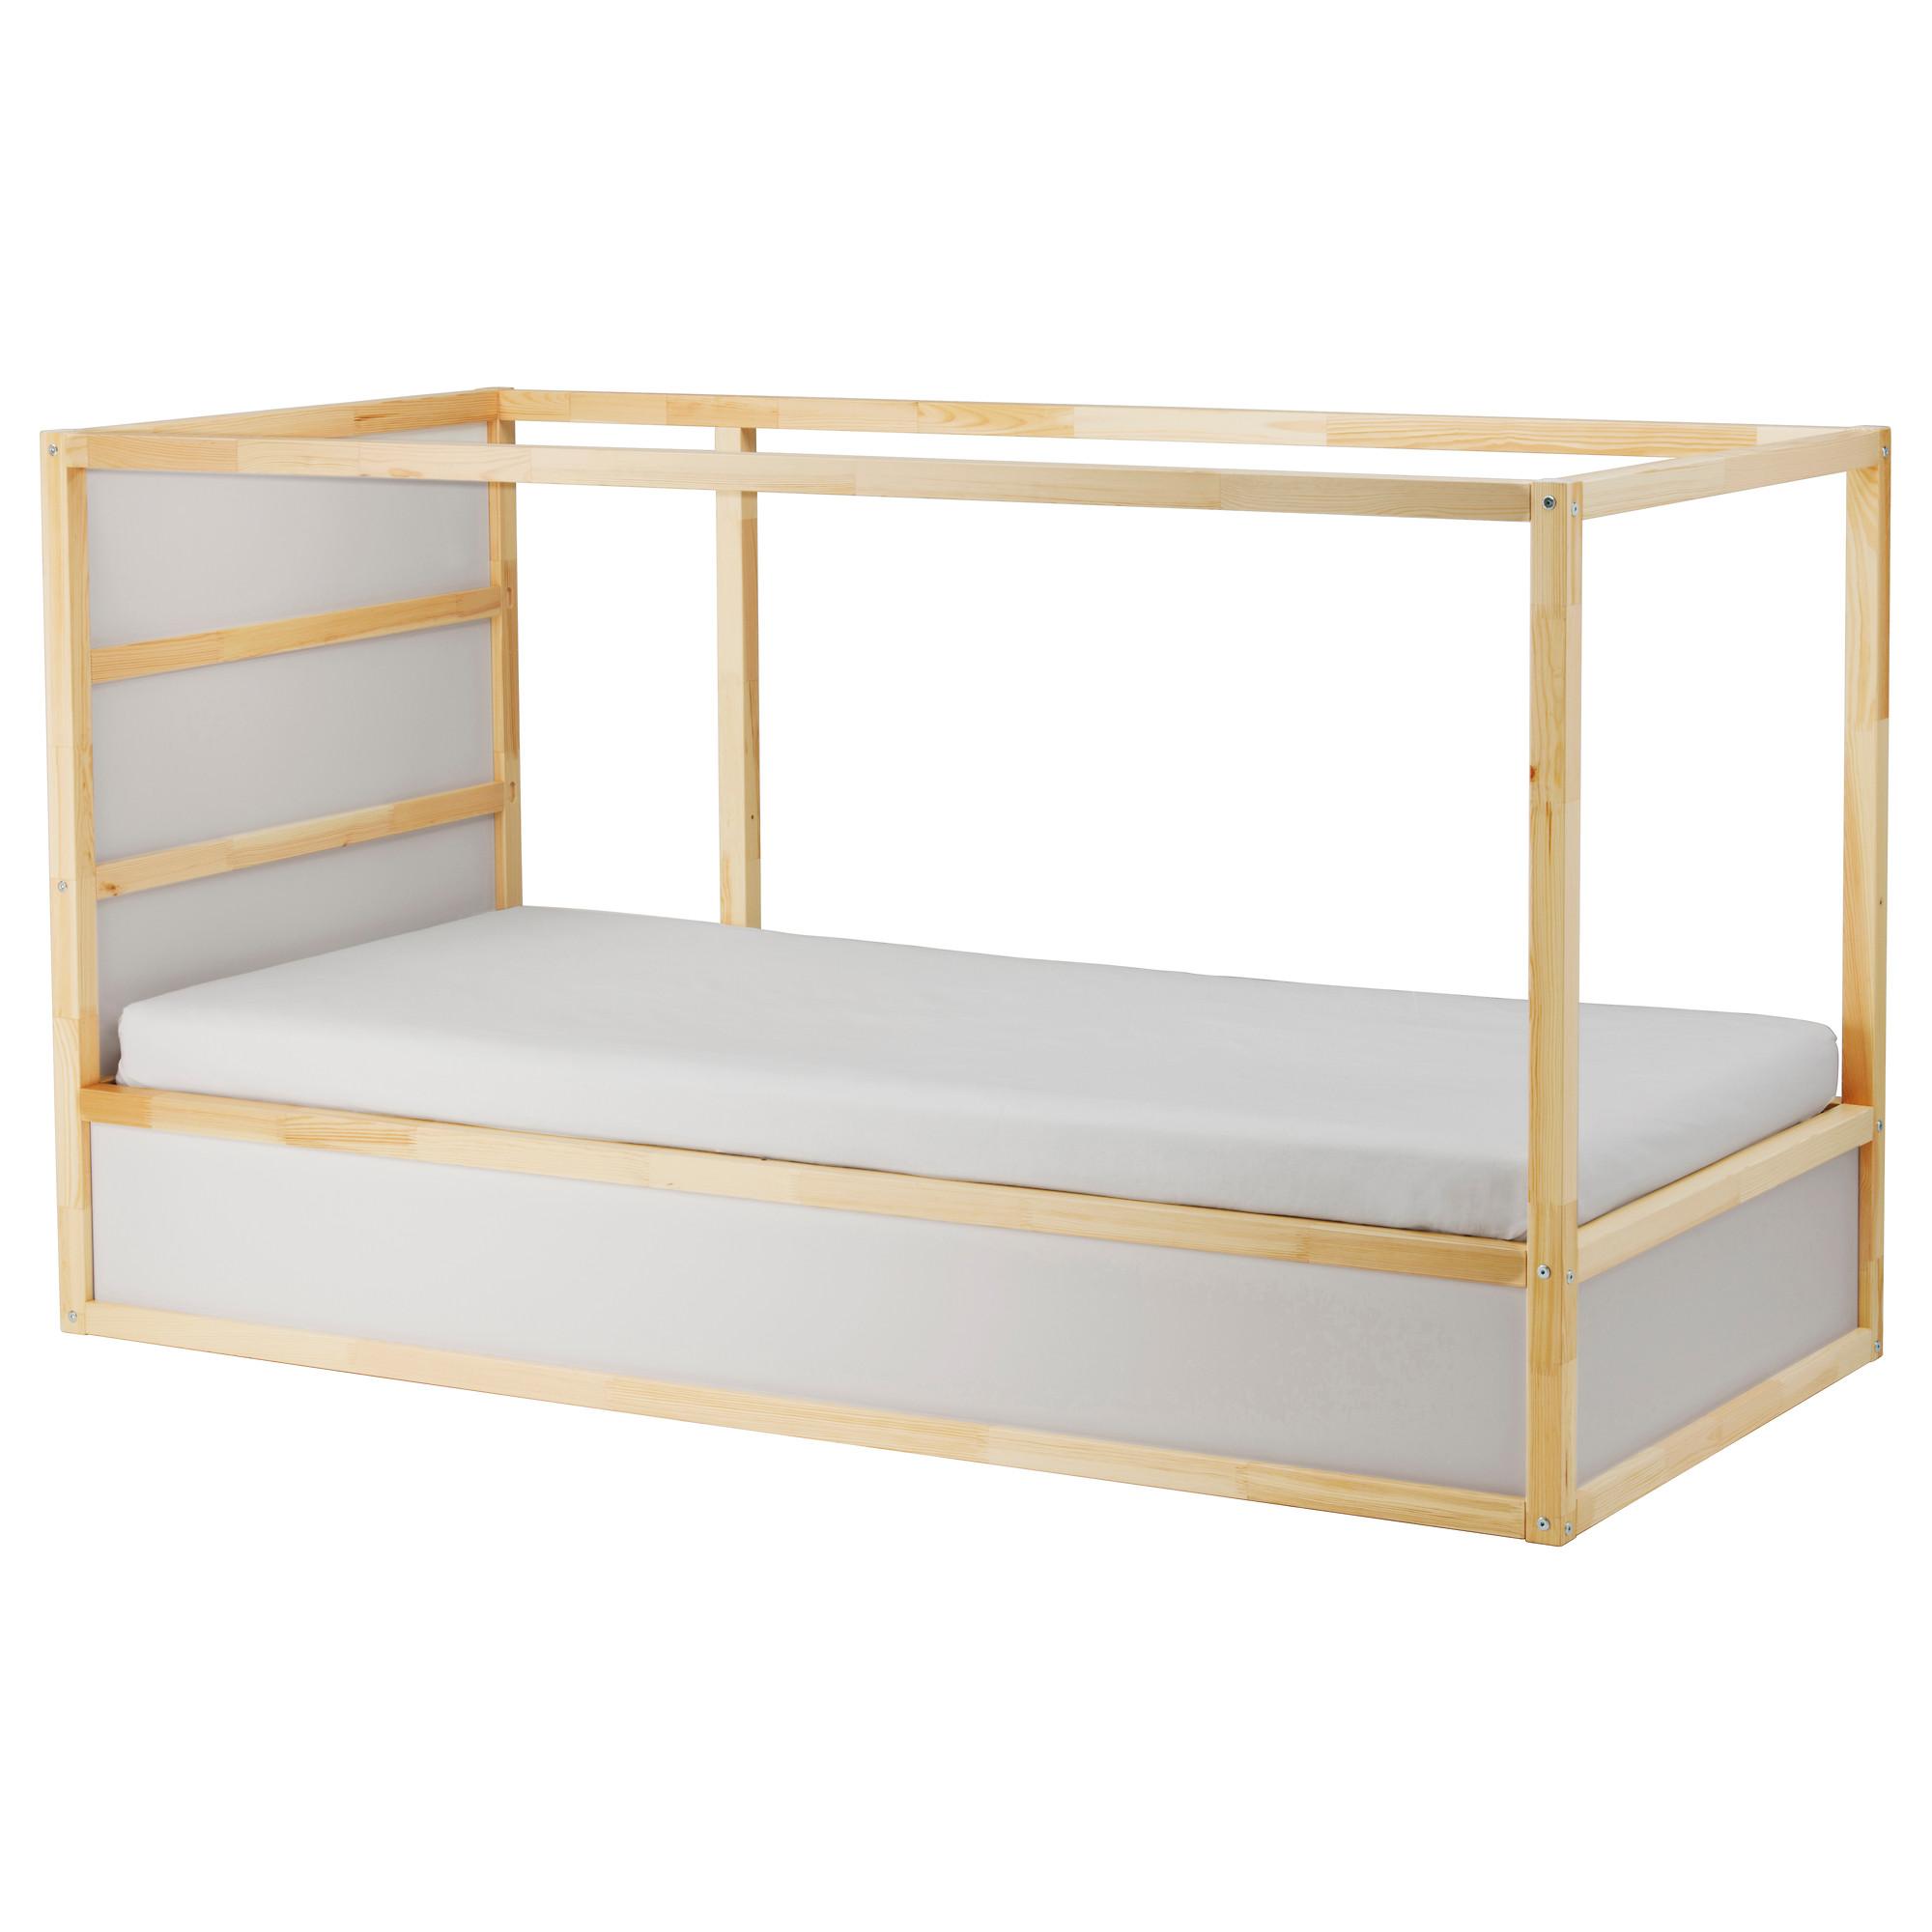 翻轉式兒童床, , 白色 / 松木